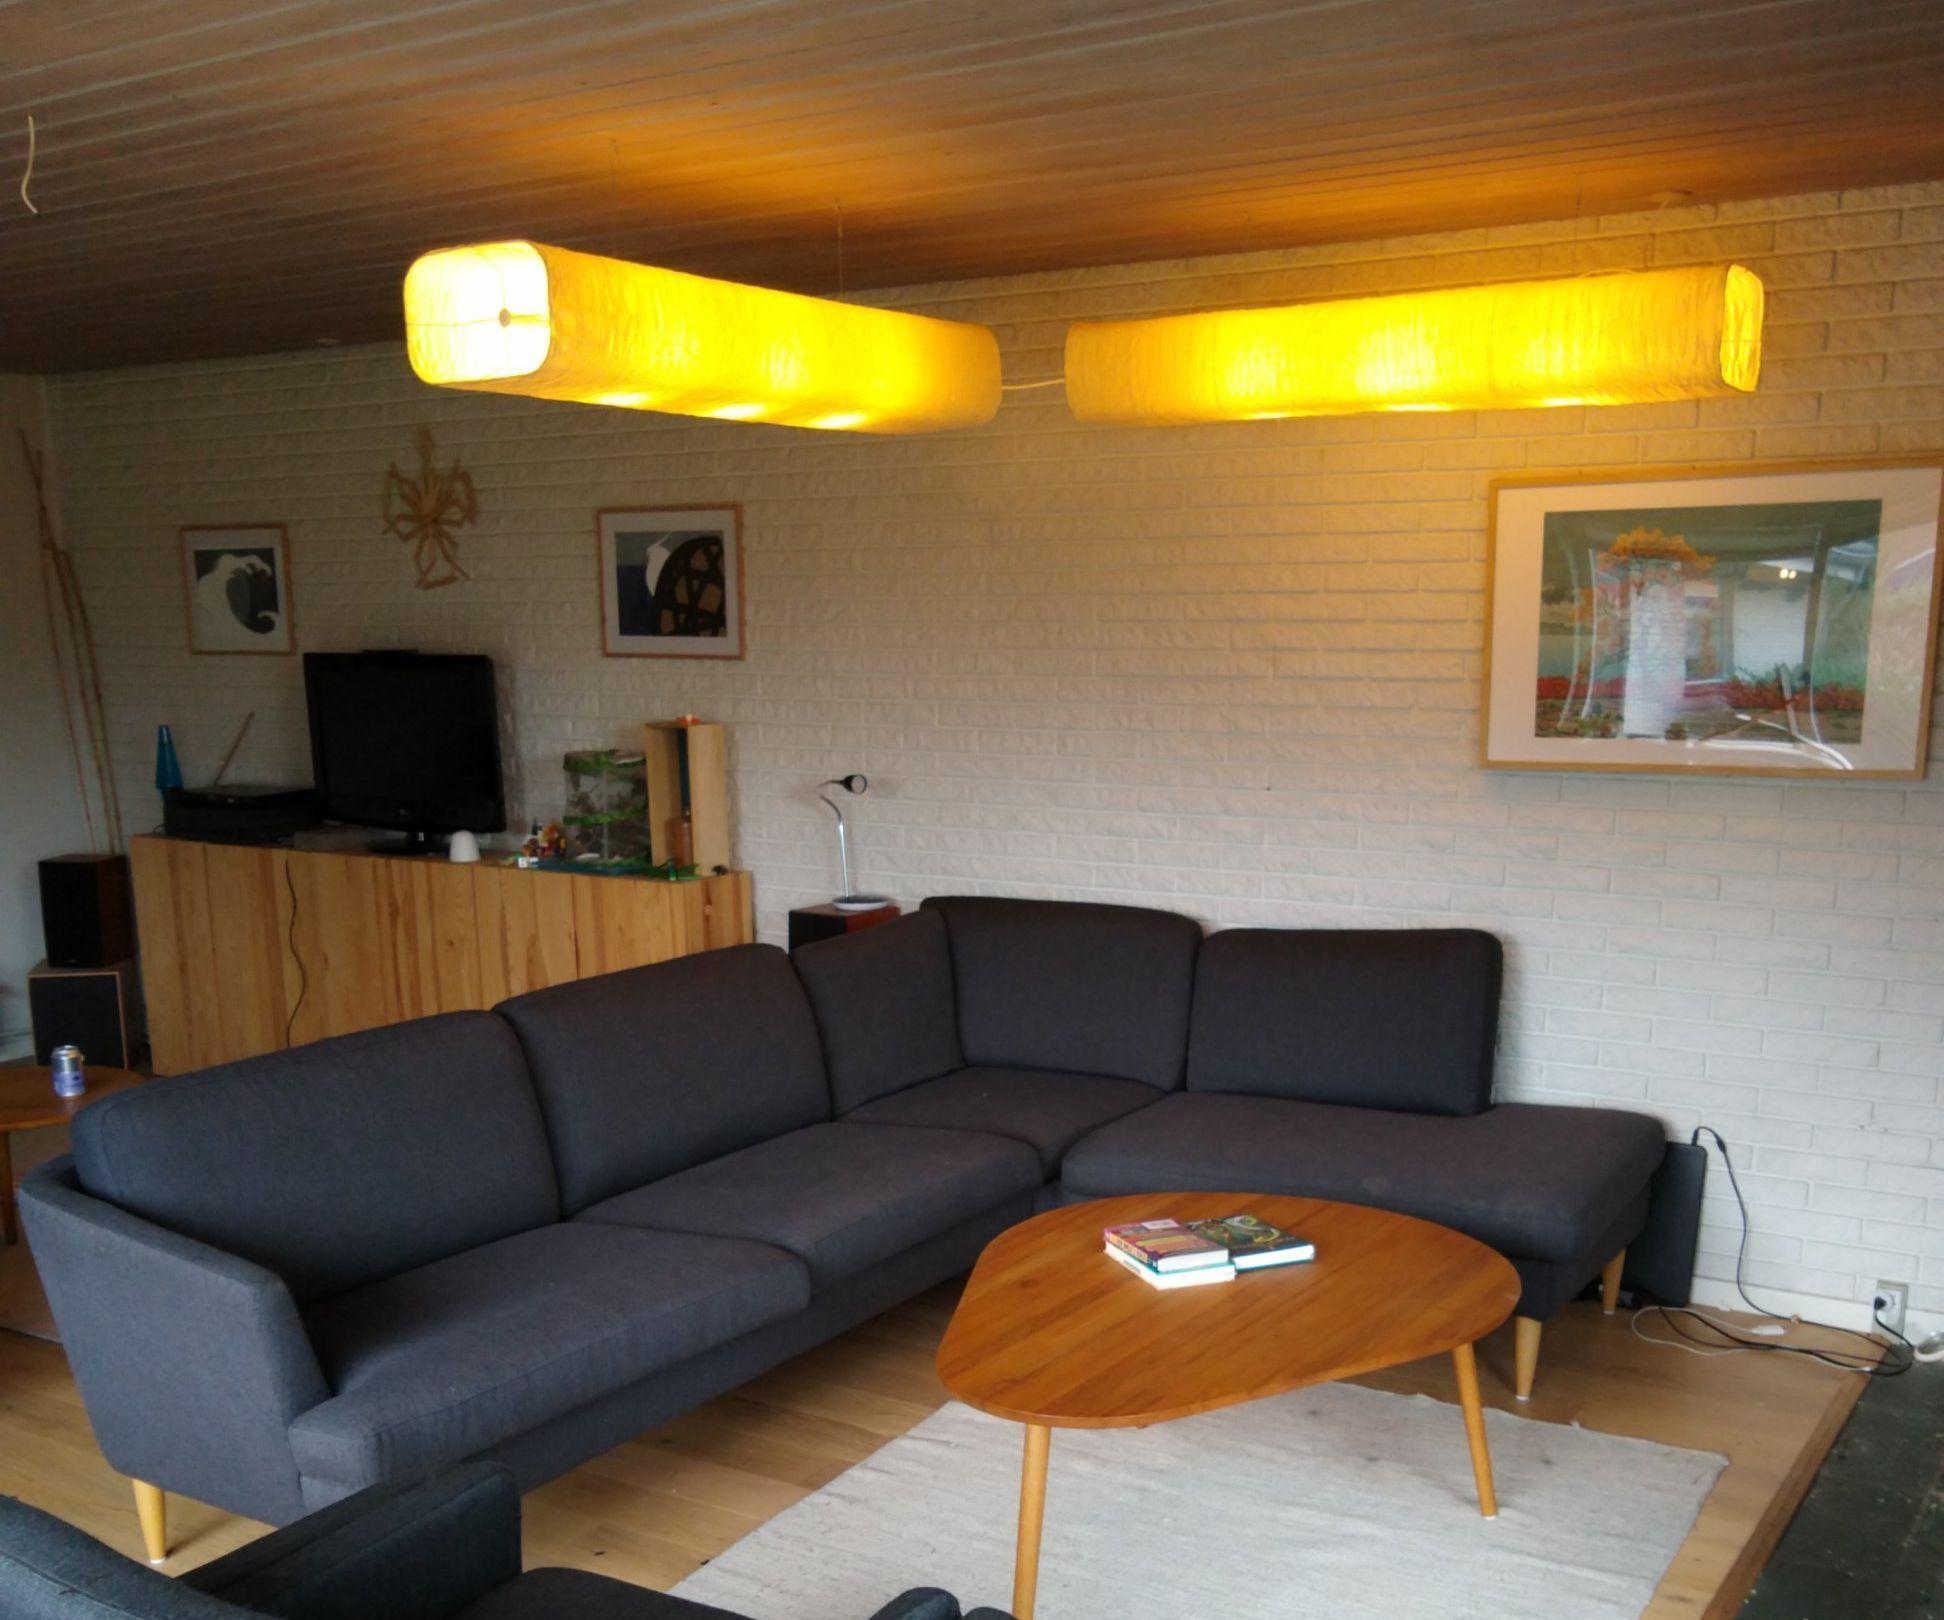 Ikea Magnarp  ̶F̶l̶o̶o̶r̶  Ceiling Lamp